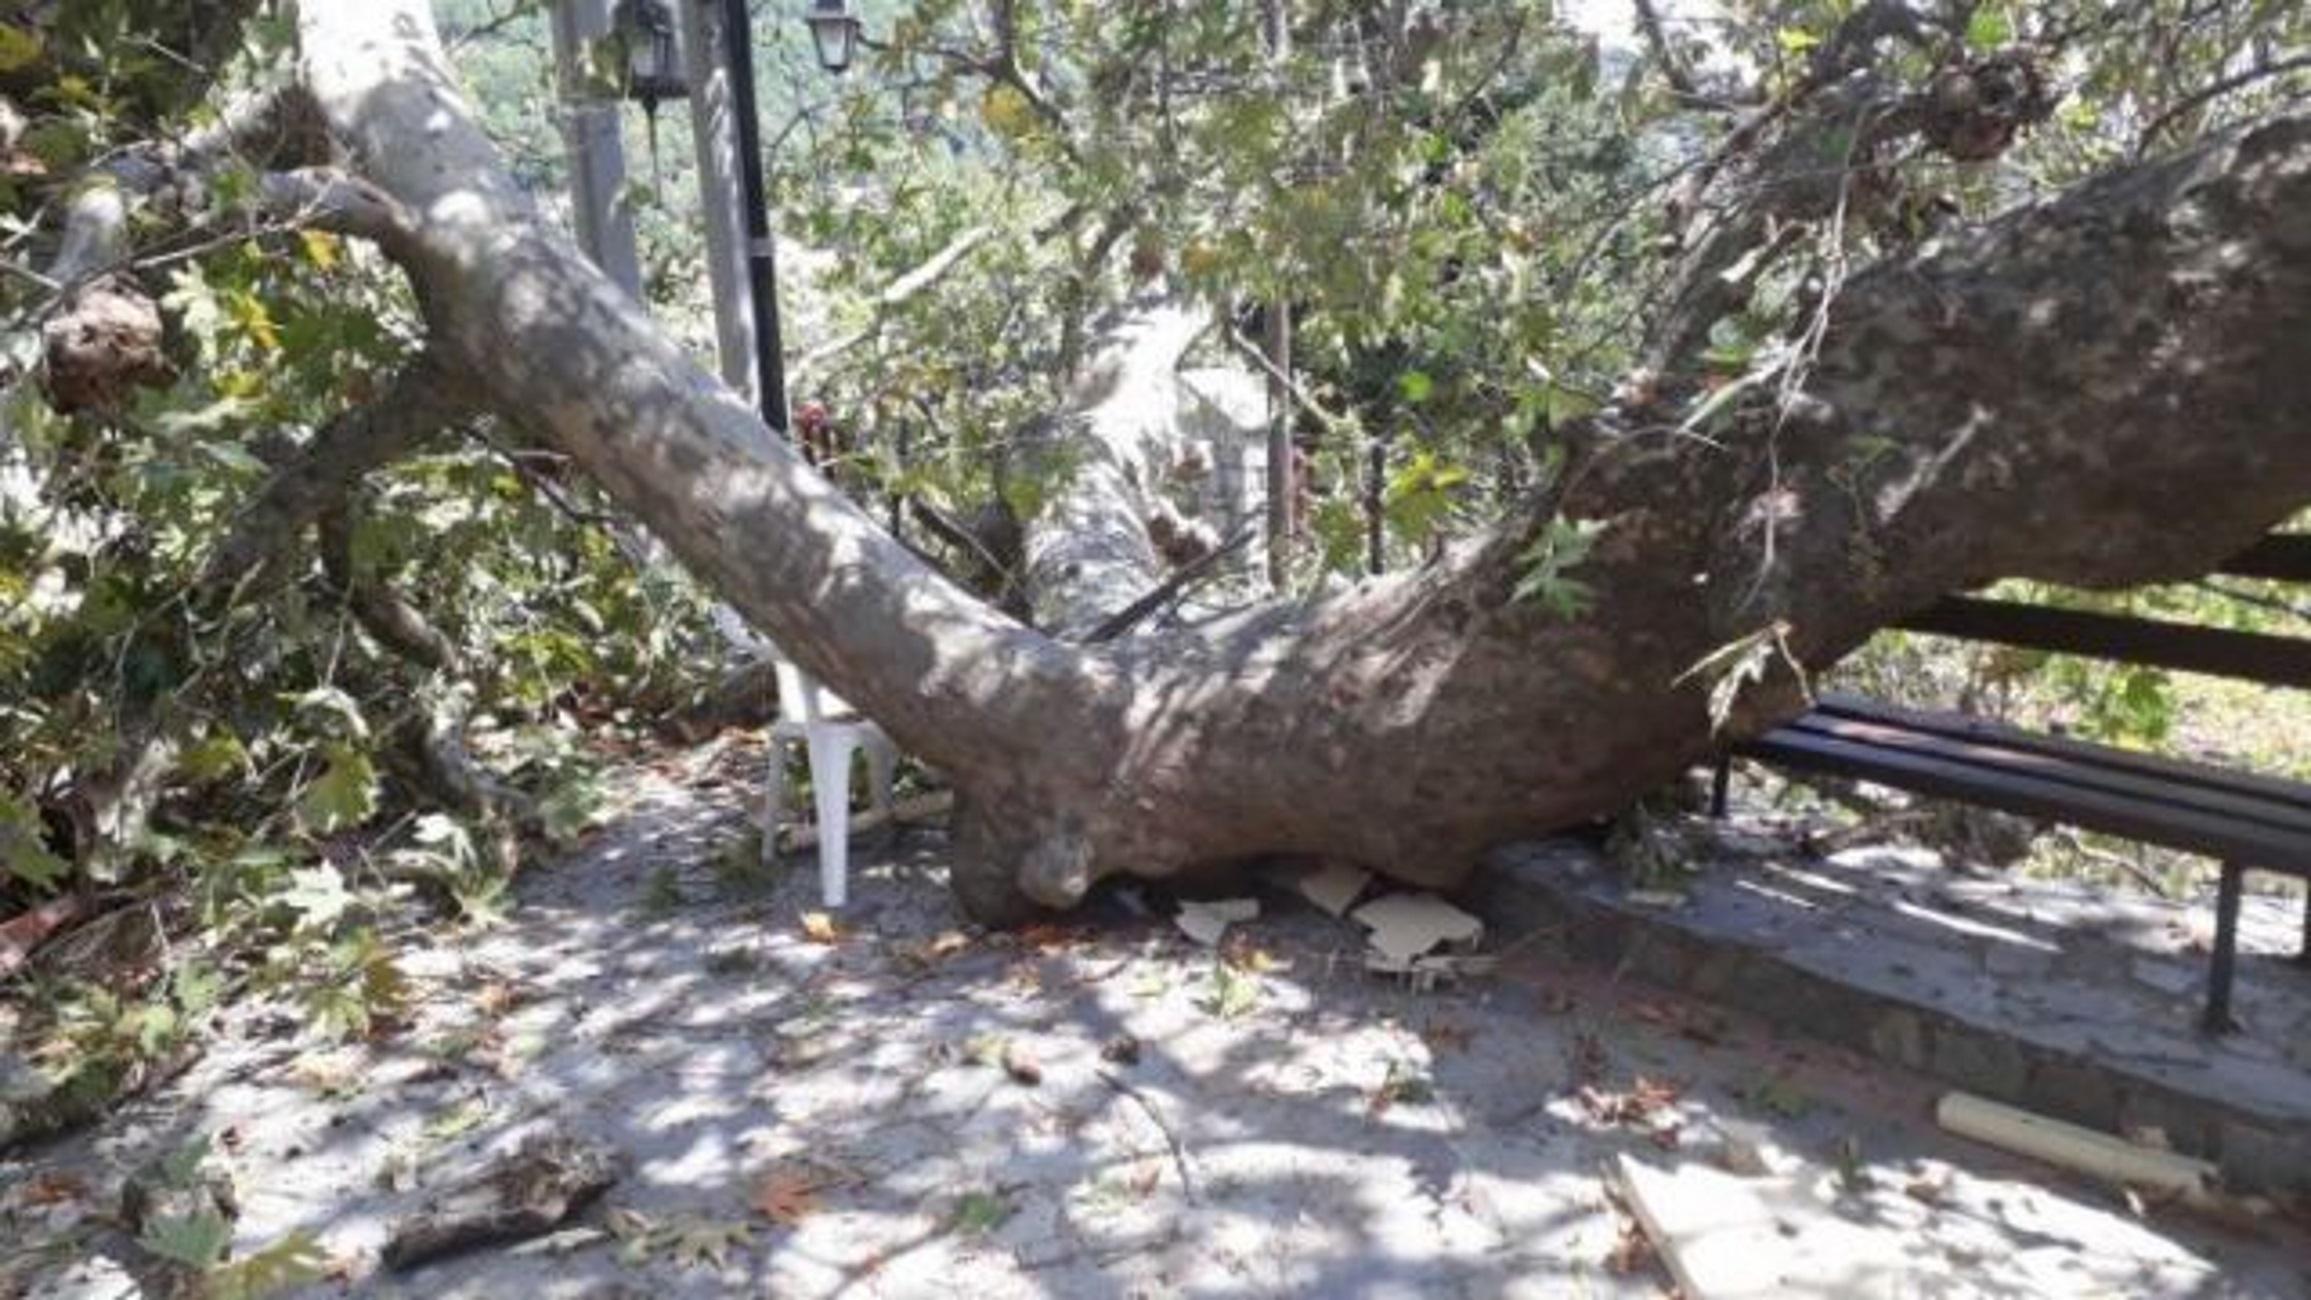 Φθιώτιδα: Τεράστιος πλάτανος κατέρρευσε στην πλατεία χωριού της Μακρακώμης (Φωτό)